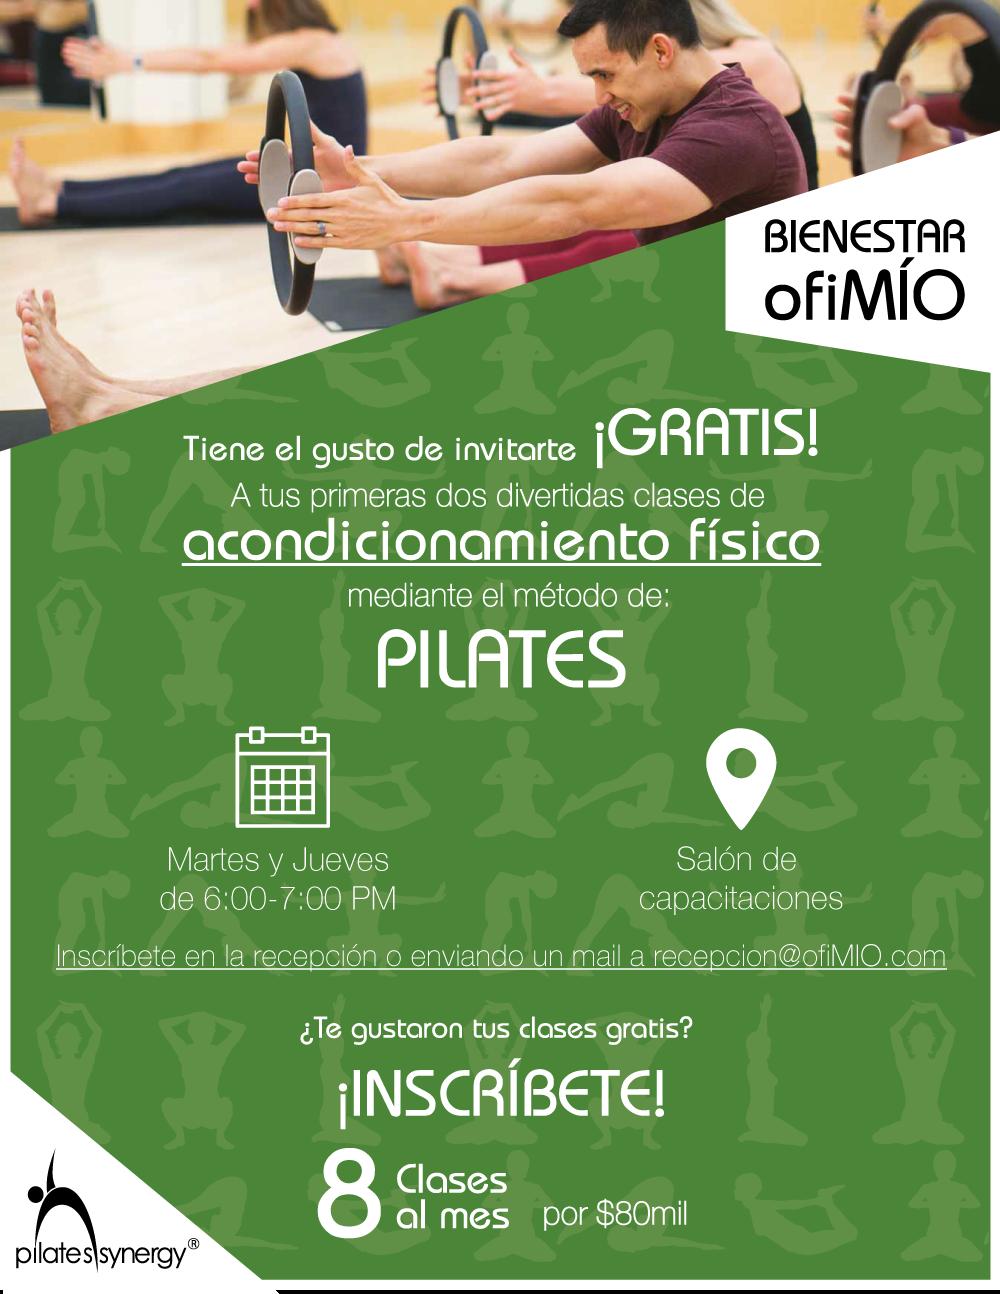 Pilates en ofiMÍO